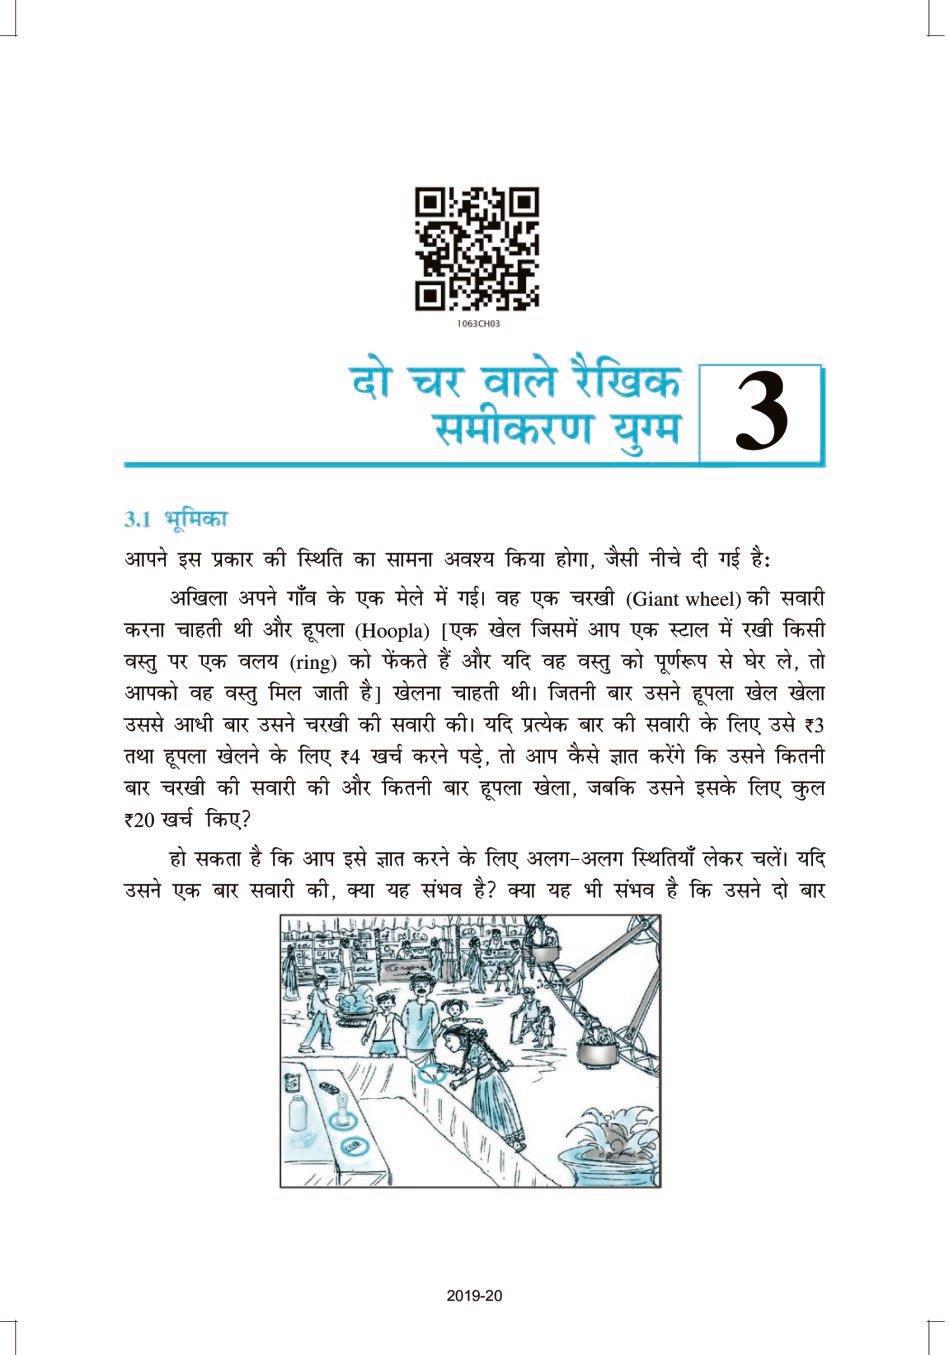 NCERT Book Class 10 Maths (गणित) Chapter 3 दो चर वाले रैखिक समीकरण युग्म - Page 1